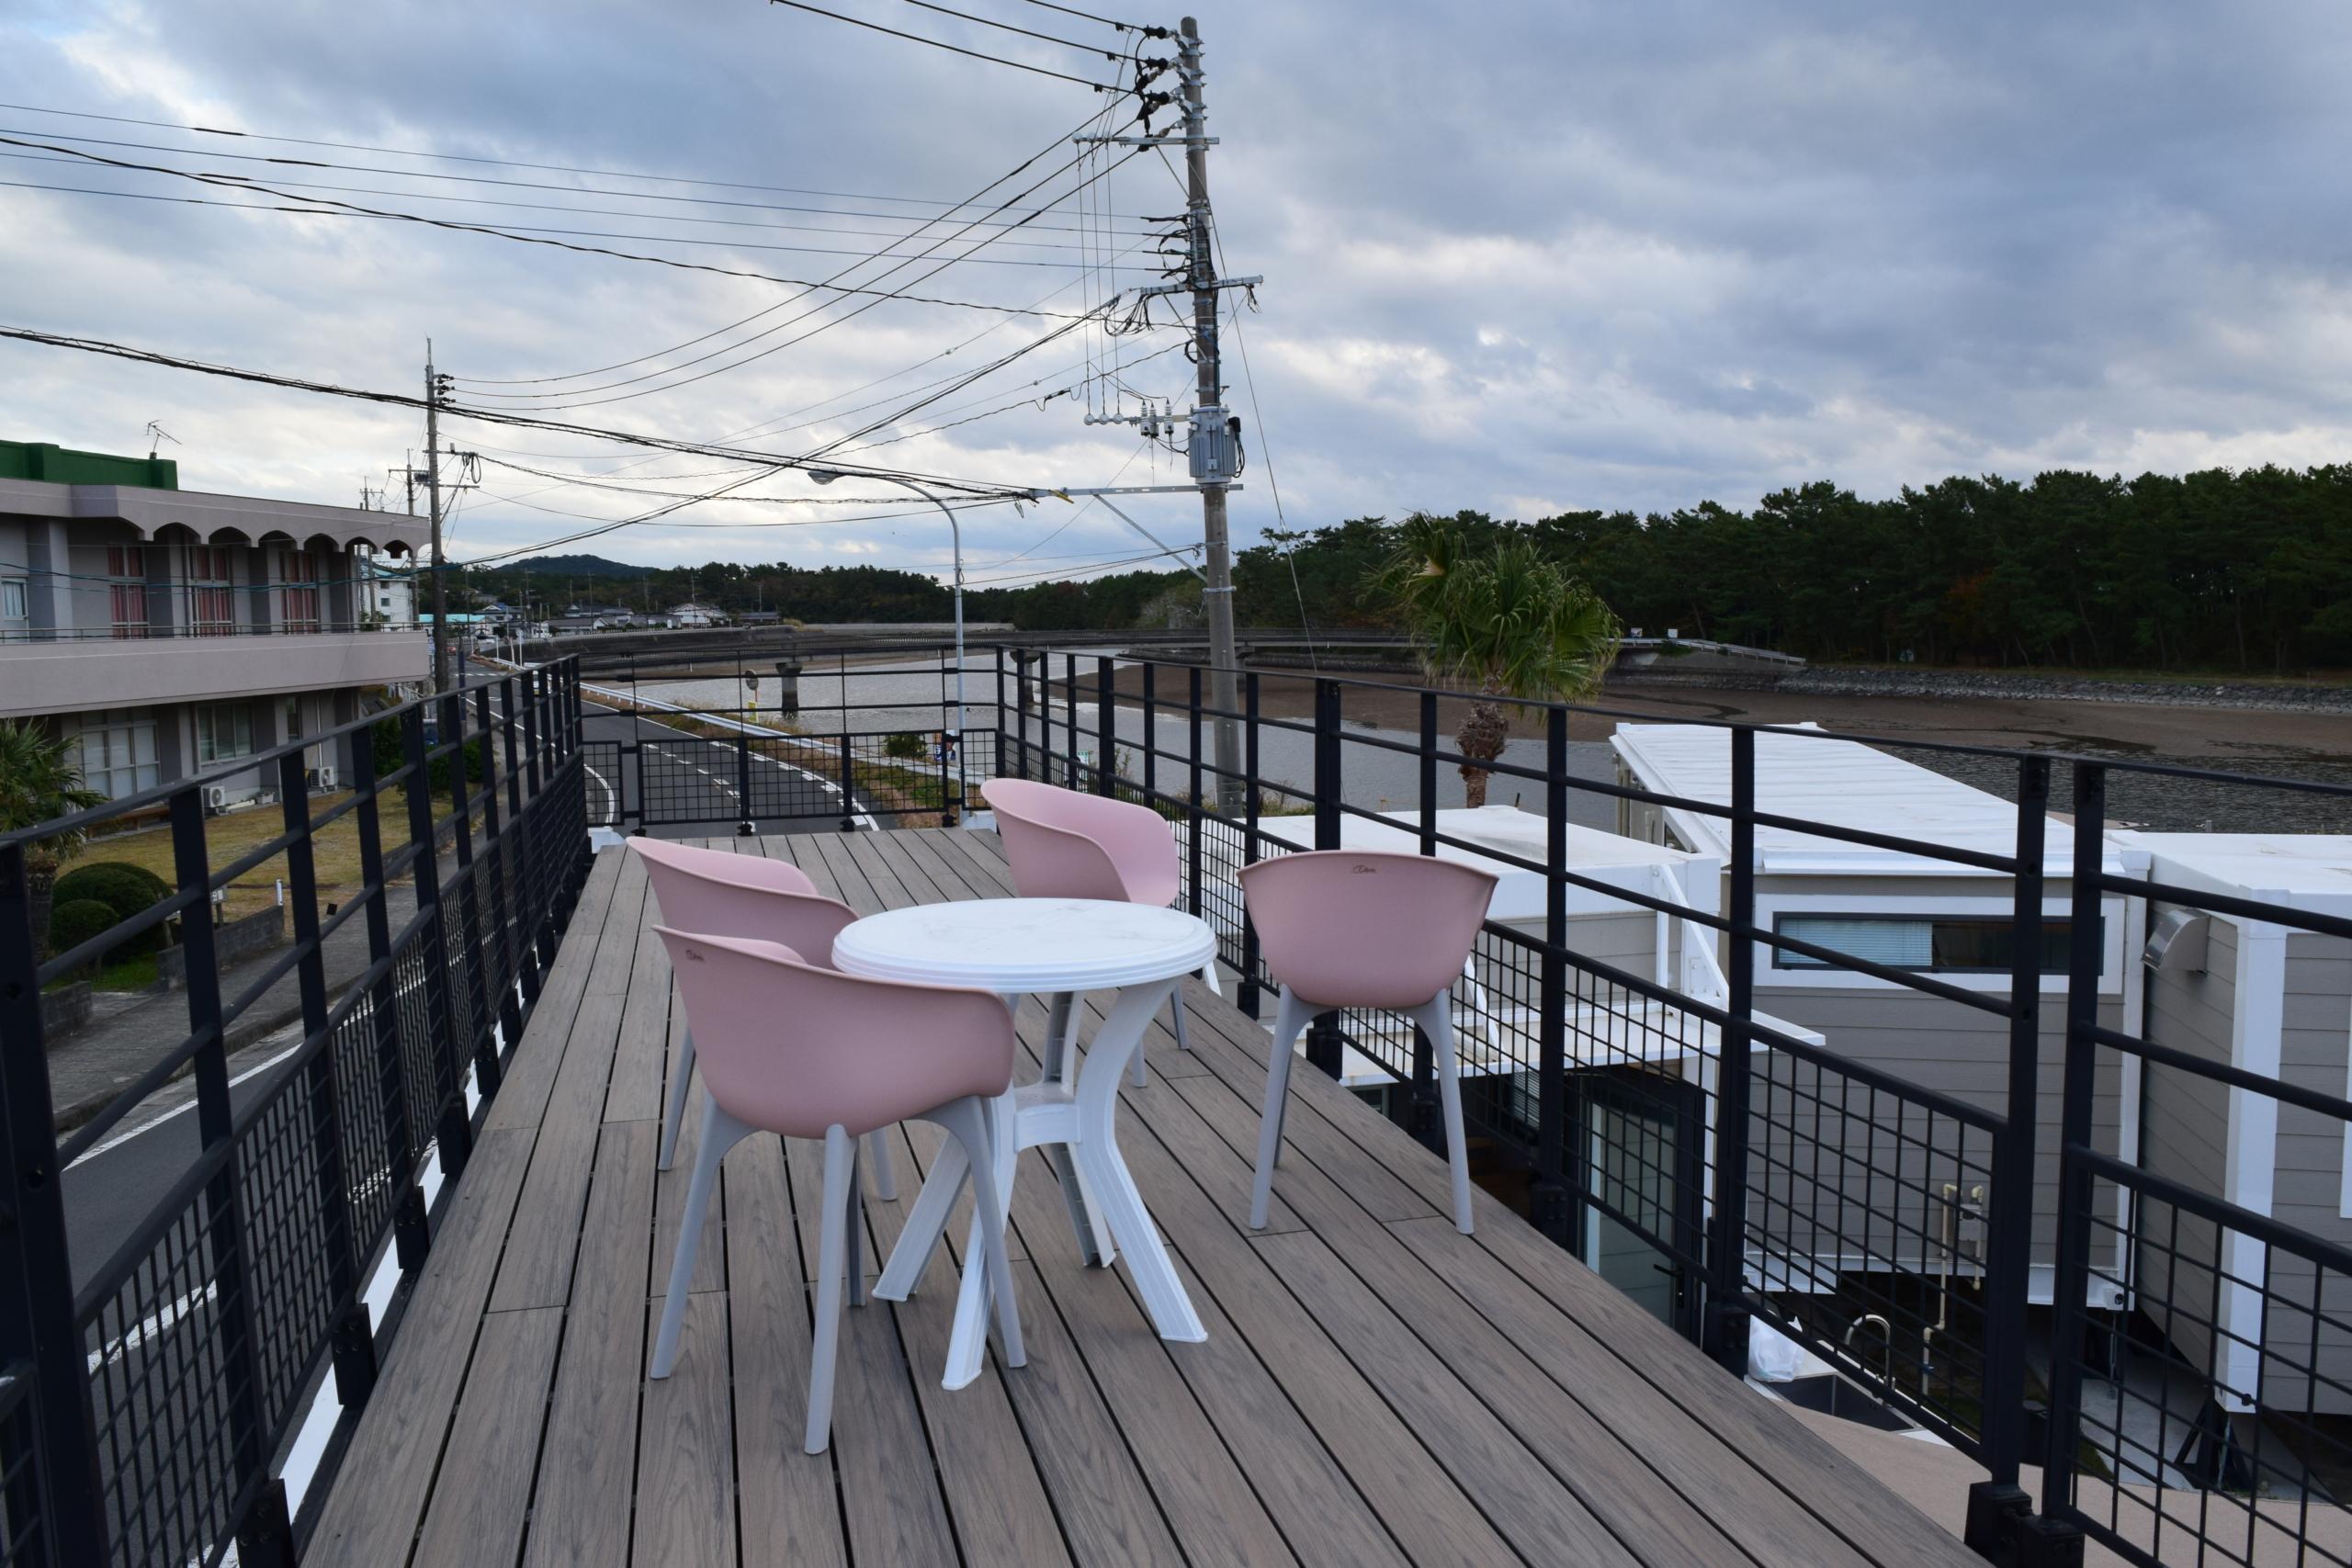 一部トレーラーハウスは屋上部分もあり、海辺の眺望を堪能できます。